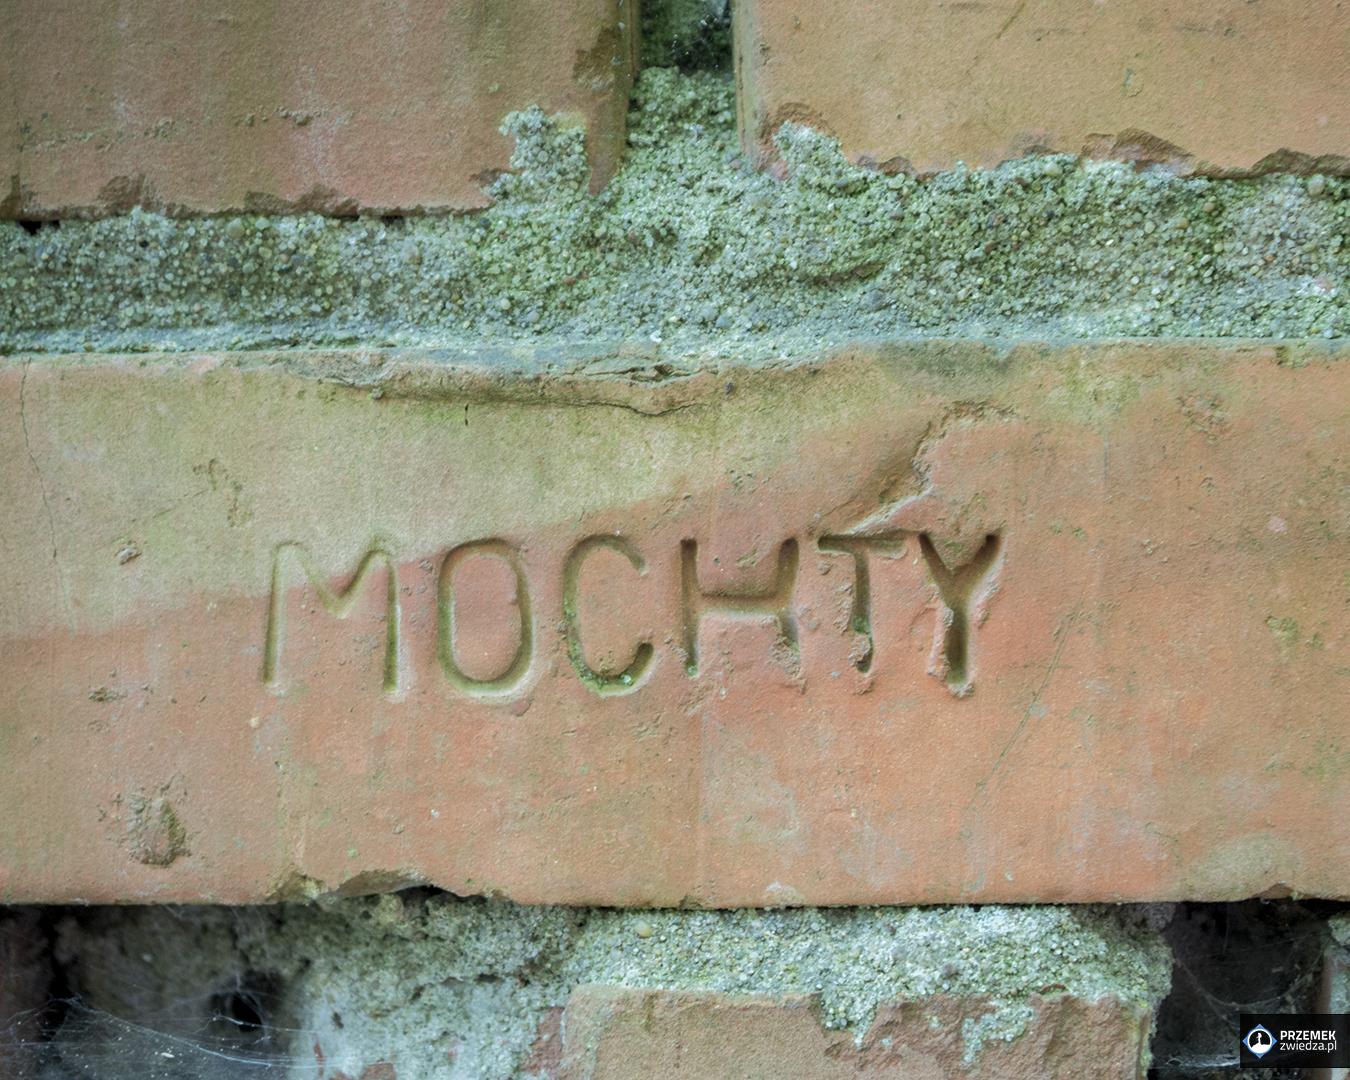 Cegły z nazwą cegielni twierdza modlin rowerem wzdłuż dwóch rzek